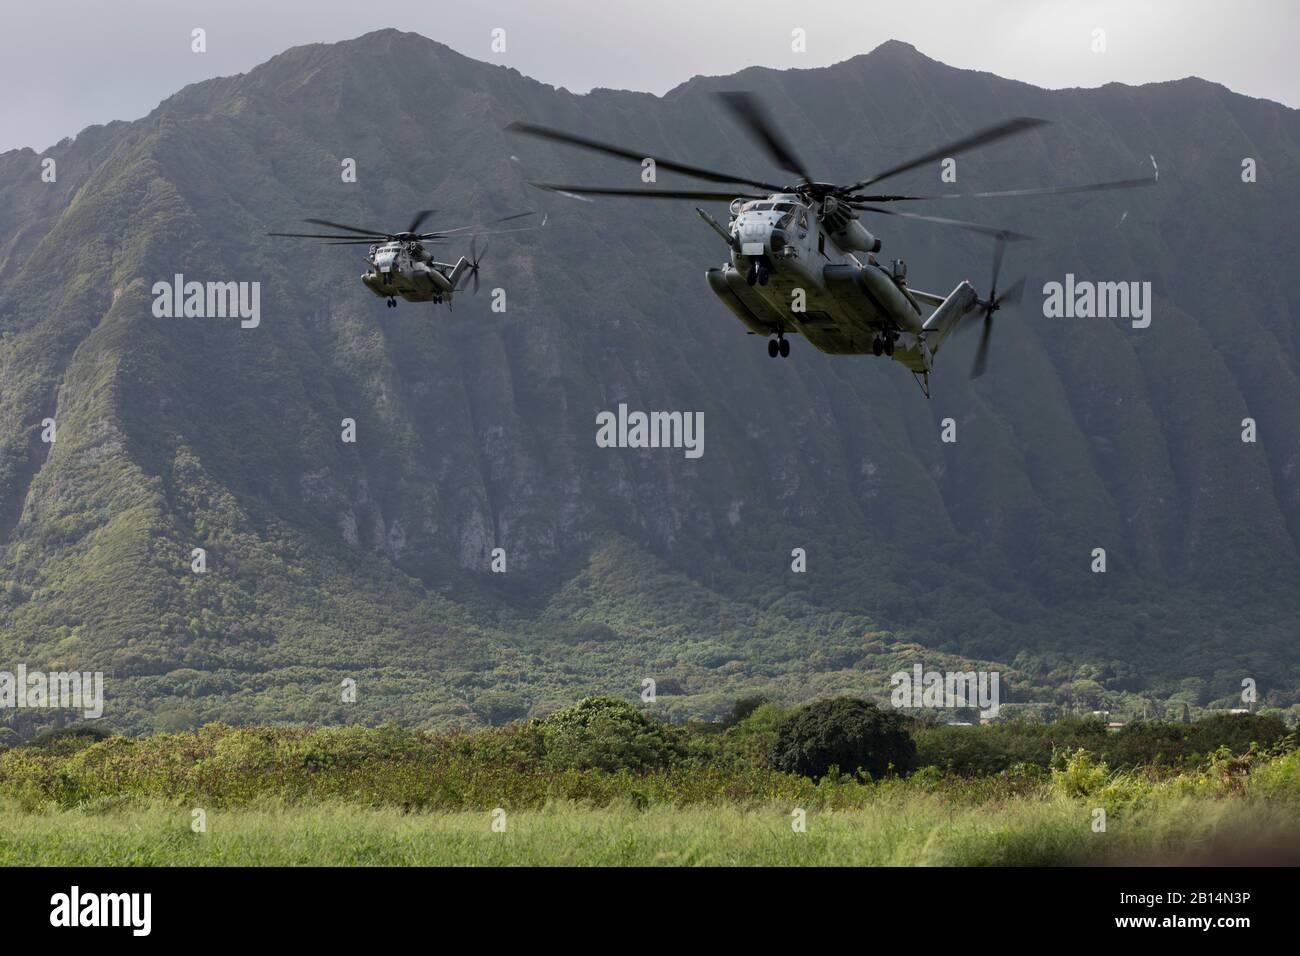 U.S. Marine Corps CH-53E Super Stallions asignado al escuadrón pesado de Helicópteros Marinos (HMH) 463 Prepárese para aterrizar y dejar a los Marines estadounidenses con la India Company, 3er Batallón, 3er Regimiento Marino, durante un ejercicio de inserción de helicópteros en el Marine Corps Training Area Bellows (MCTAB), Hawaii, 18 de septiembre de 2018. La compañía insertó en MCTAB con CH-53E Super Stallions para establecer una zona de aterrizaje segura, patrullar sobre carreteras y a través del terreno selvático, y para limpiar aldeas simuladas de hostiles. (EE.UU Marine Corps foto por Sgt. Jesús Sepulveda Torres) Foto de stock